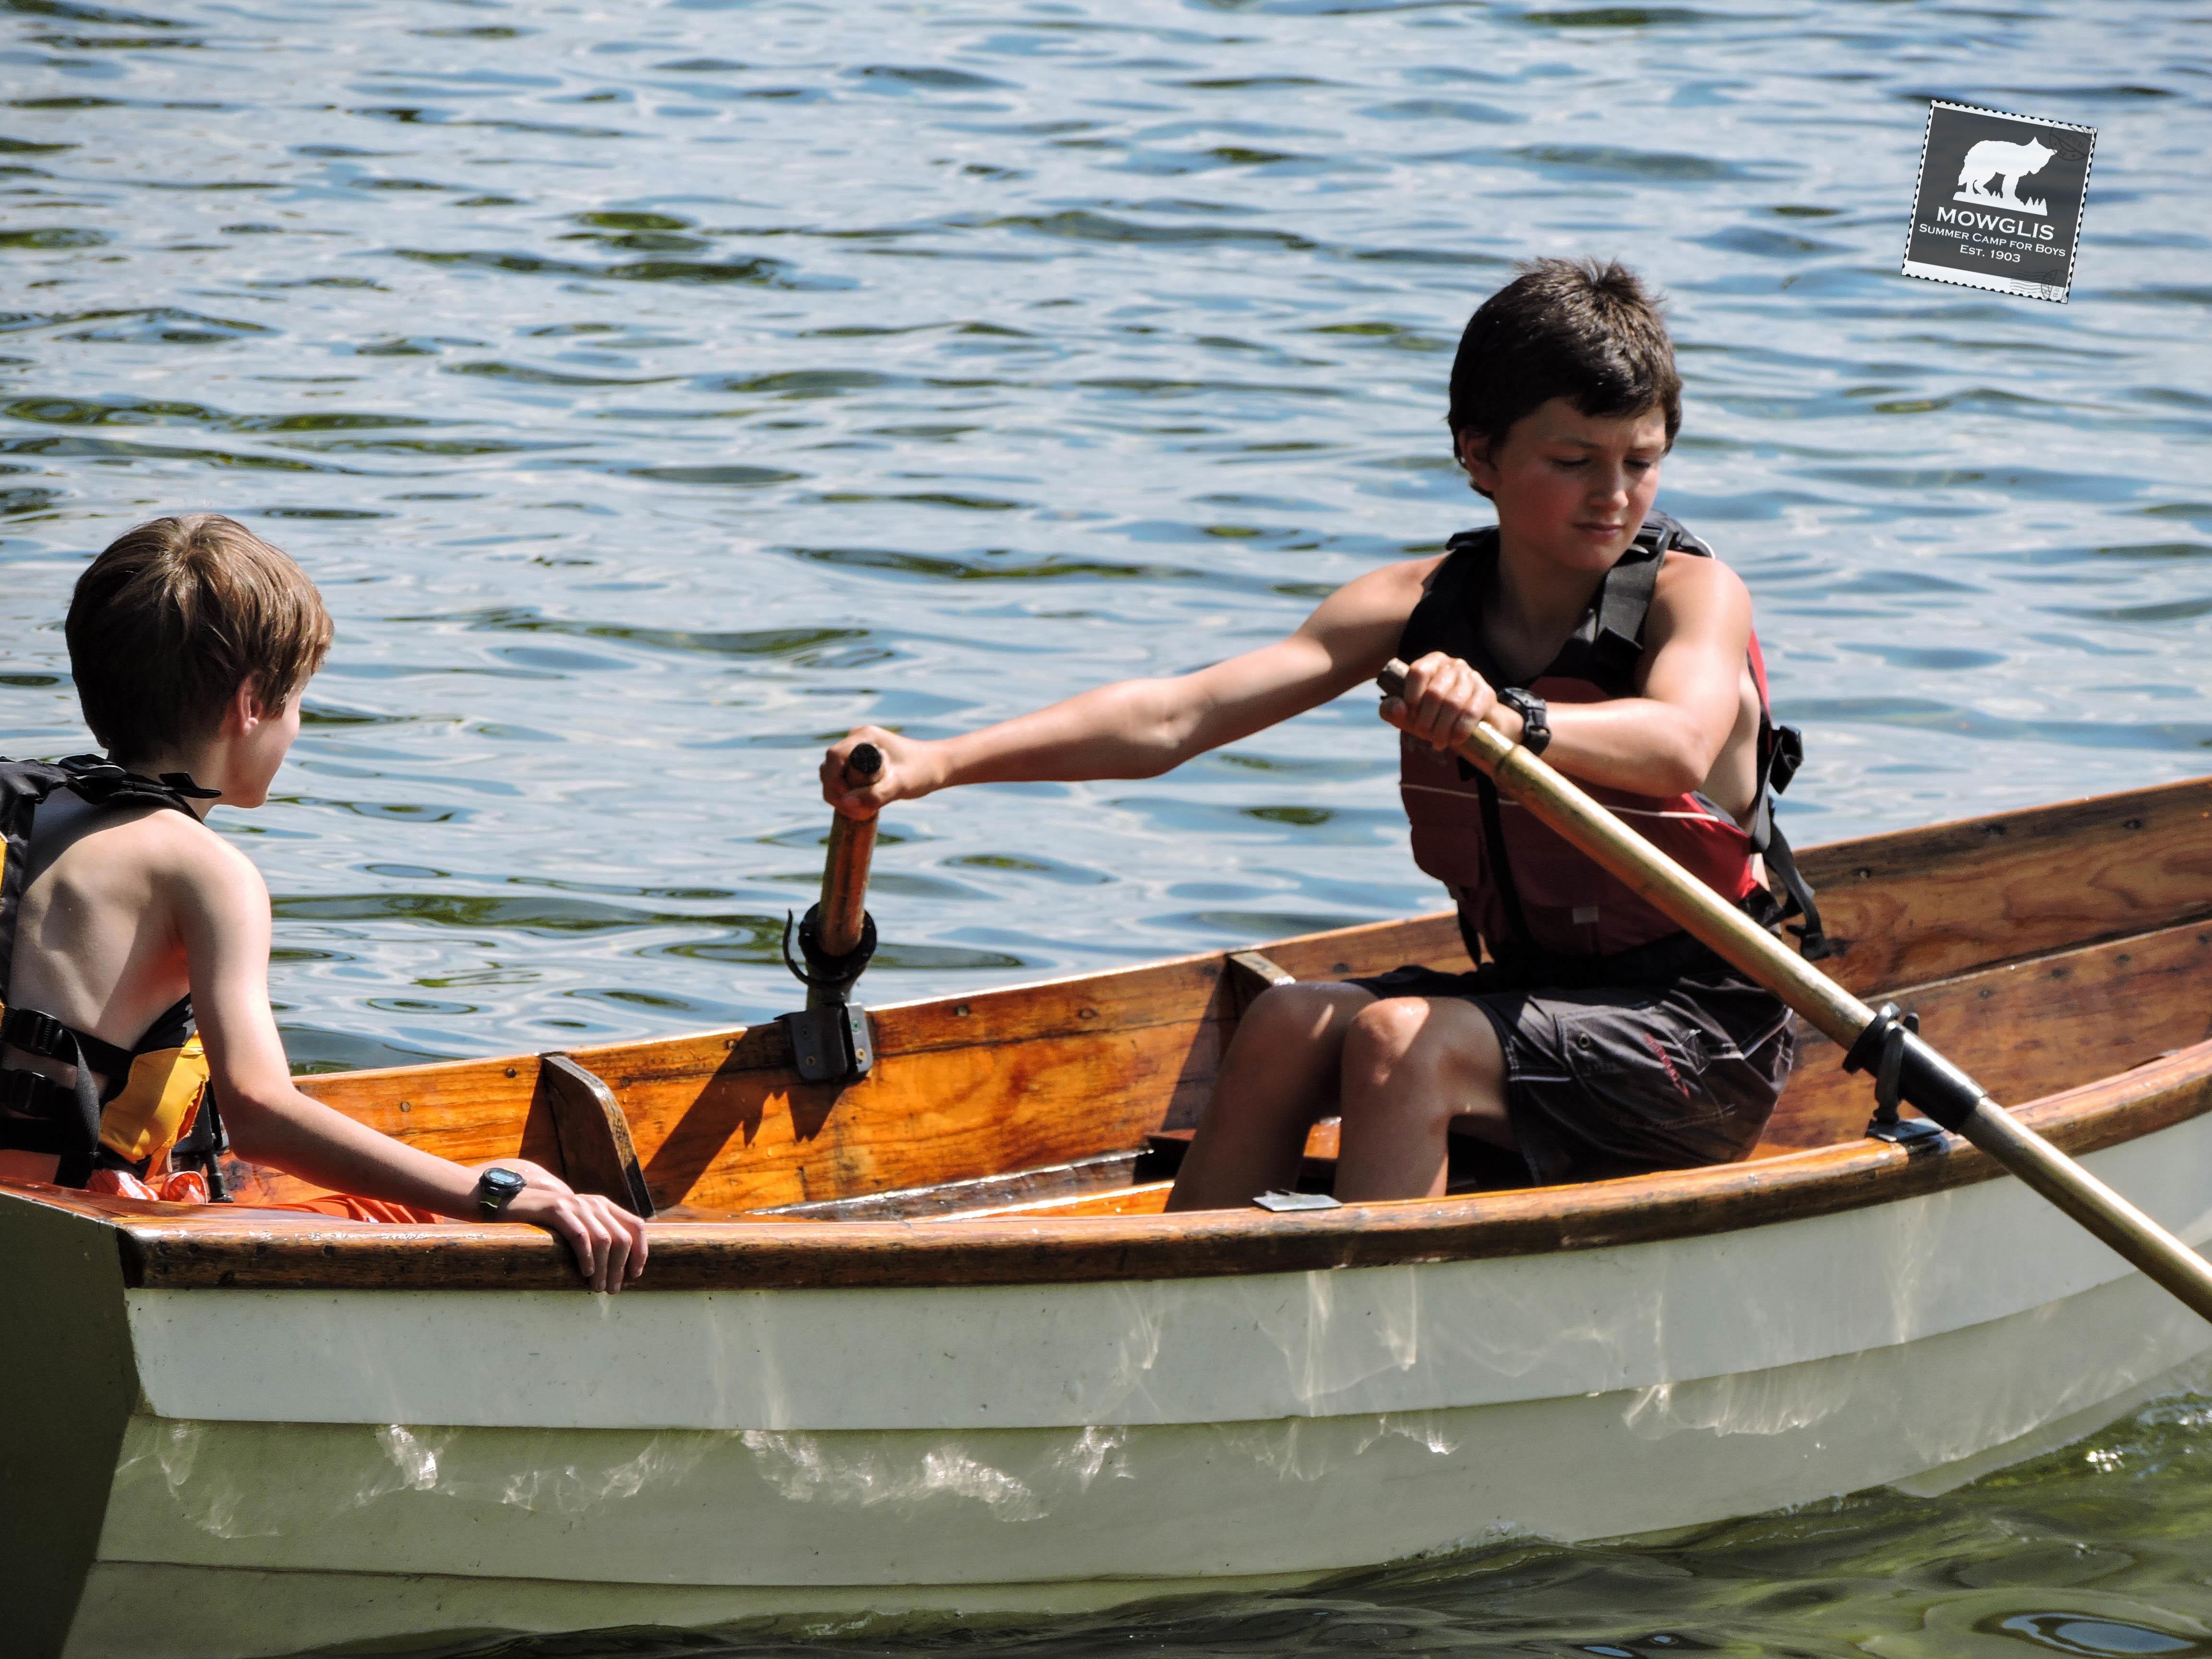 Camp Mowglis image 14